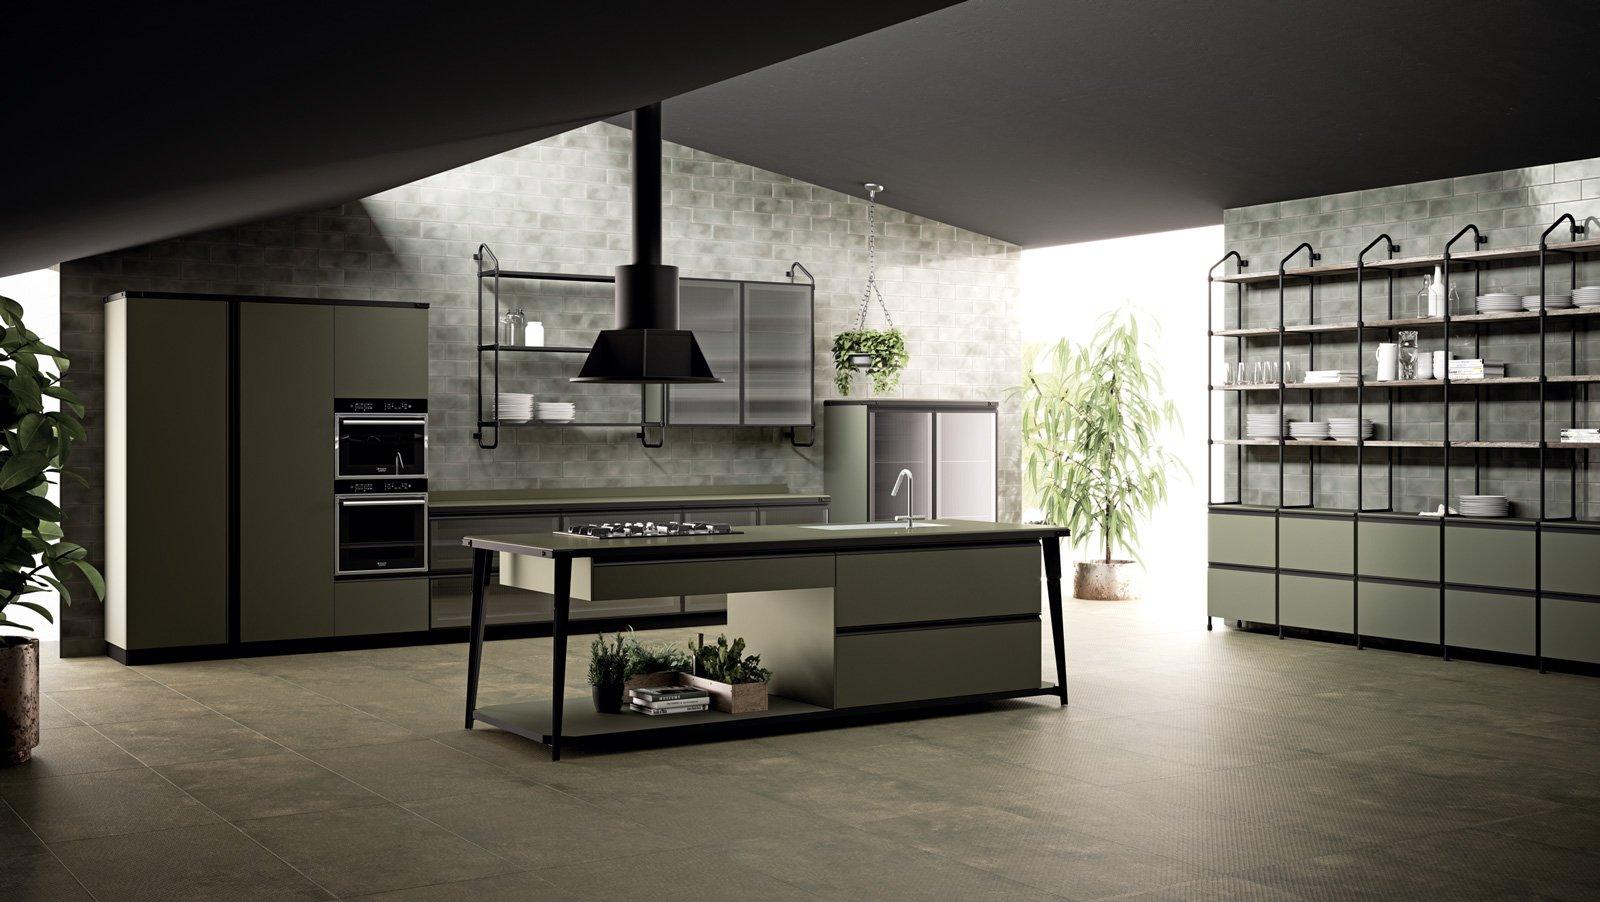 Cucine in stile industriale materiche e vissute cose di - Scavolini cucine diesel ...